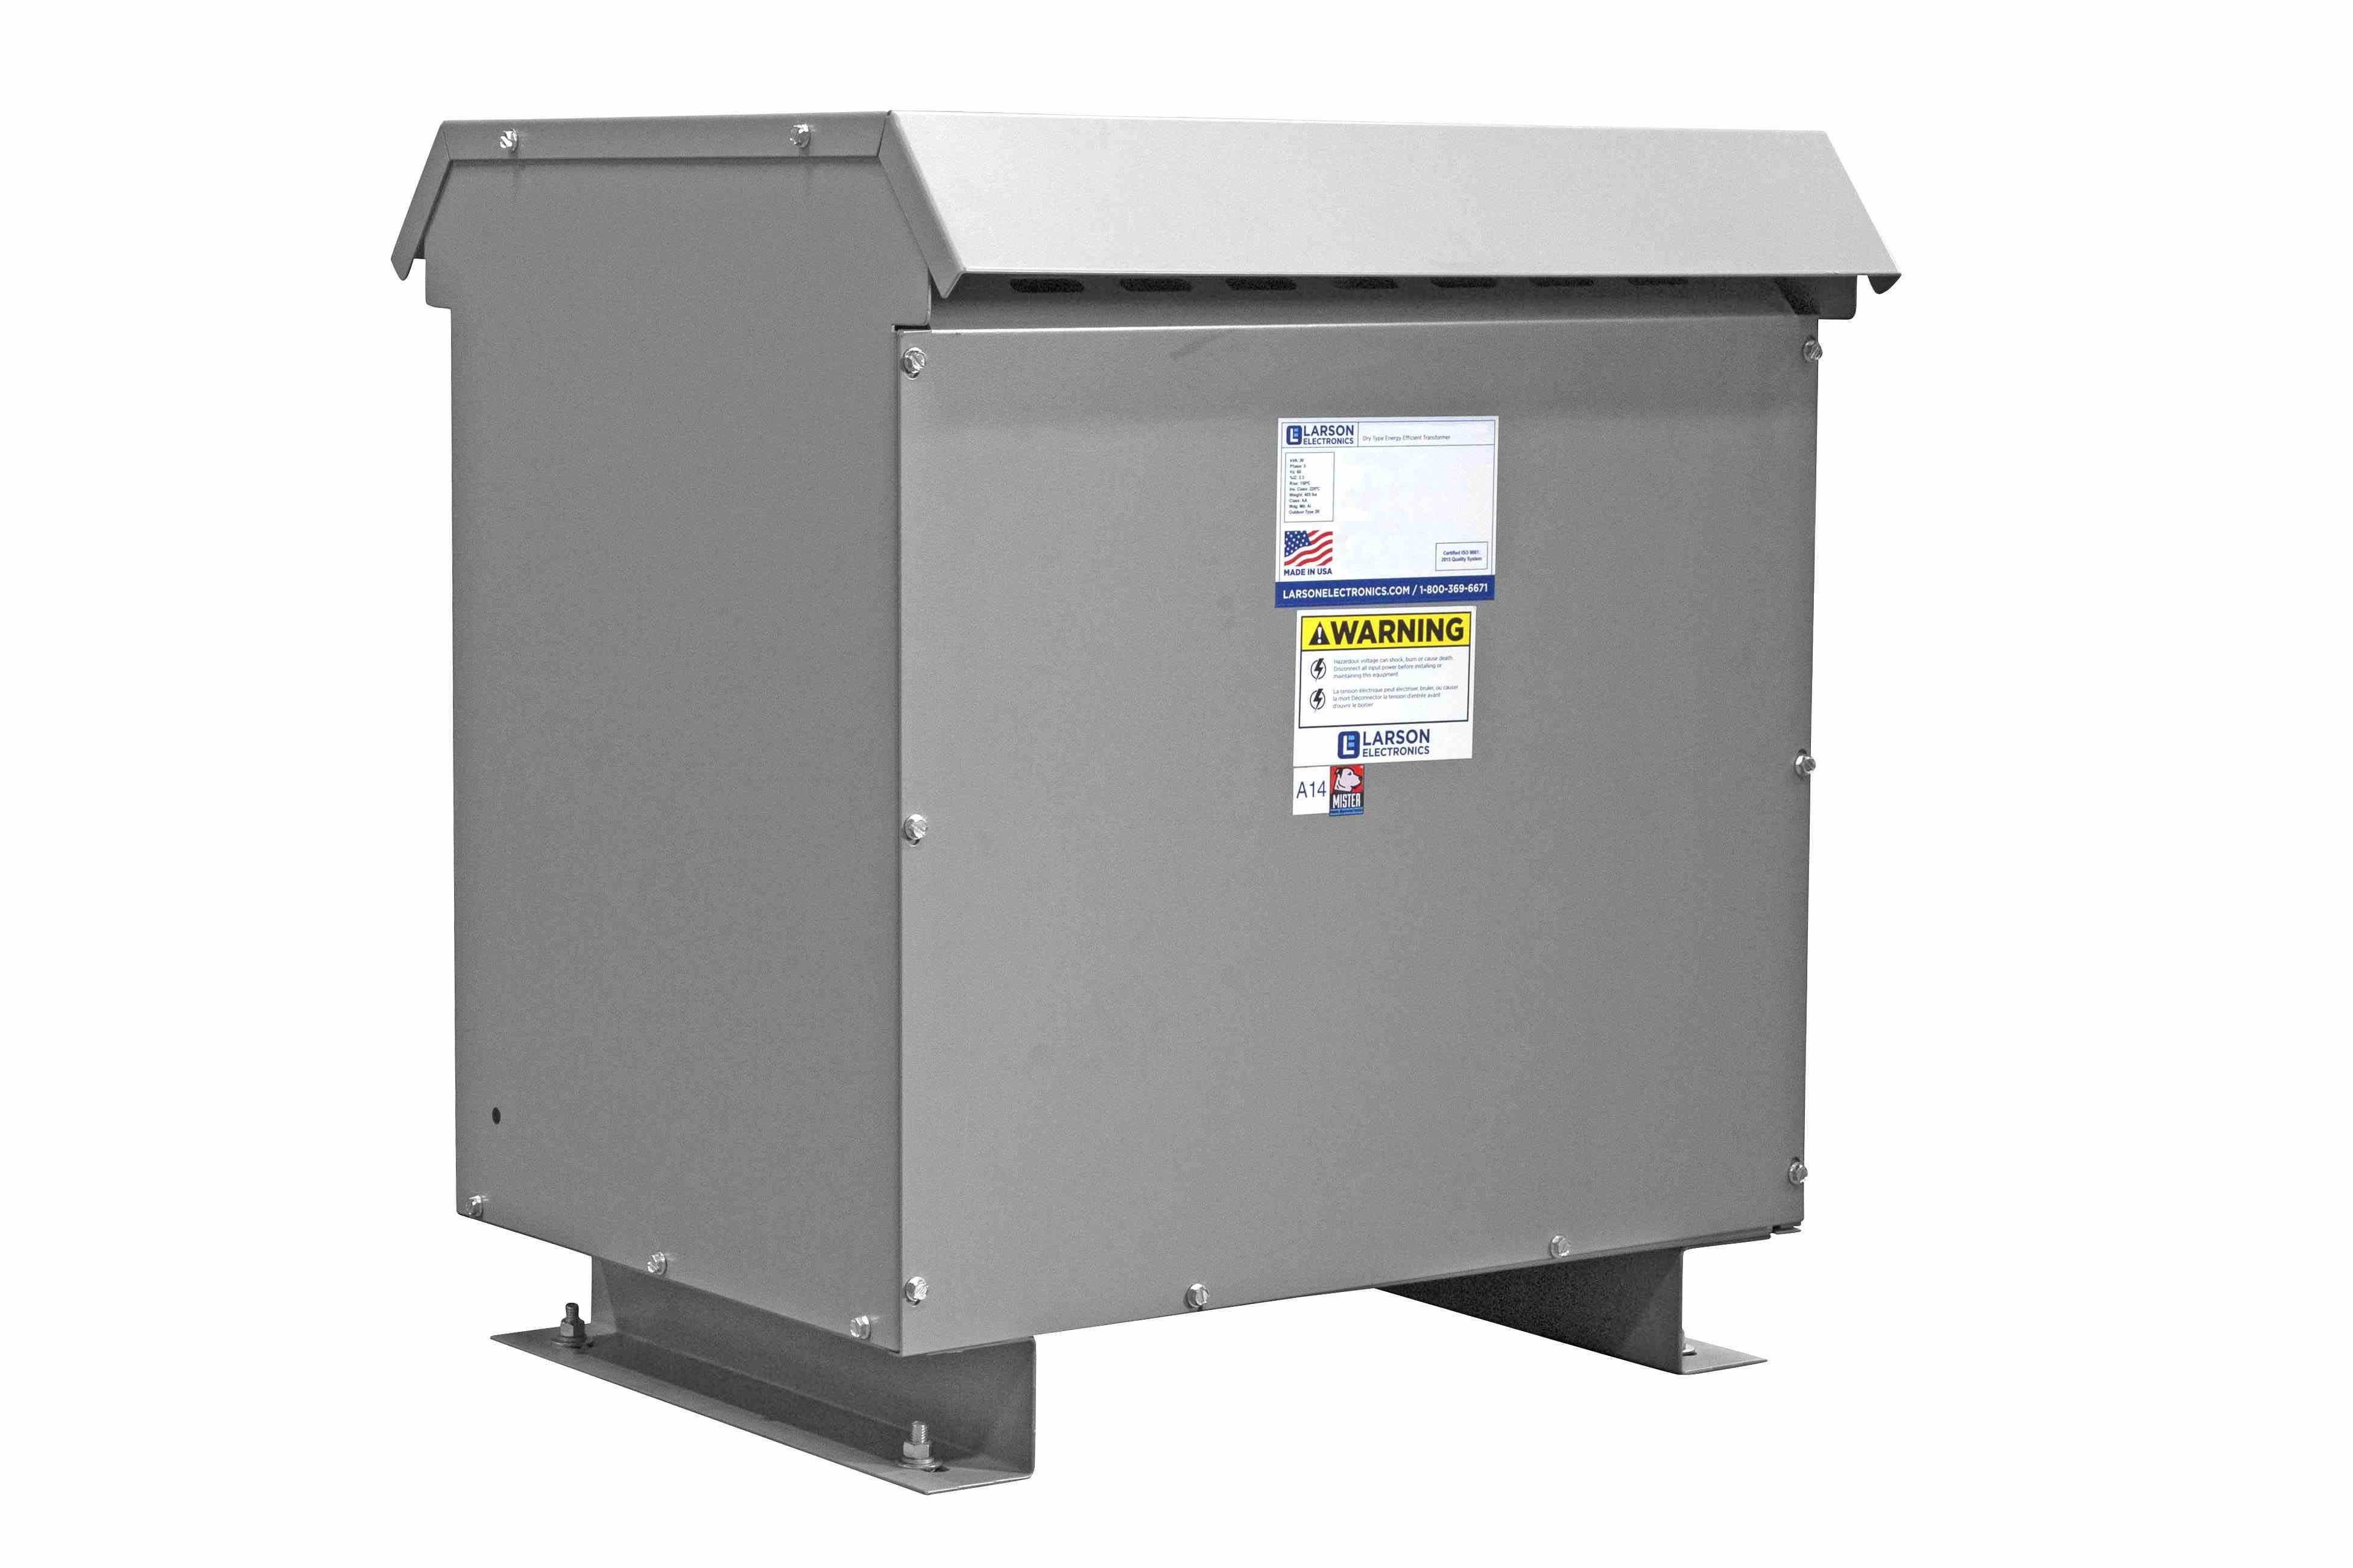 30 kVA 3PH Isolation Transformer, 480V Delta Primary, 240 Delta Secondary, N3R, Ventilated, 60 Hz